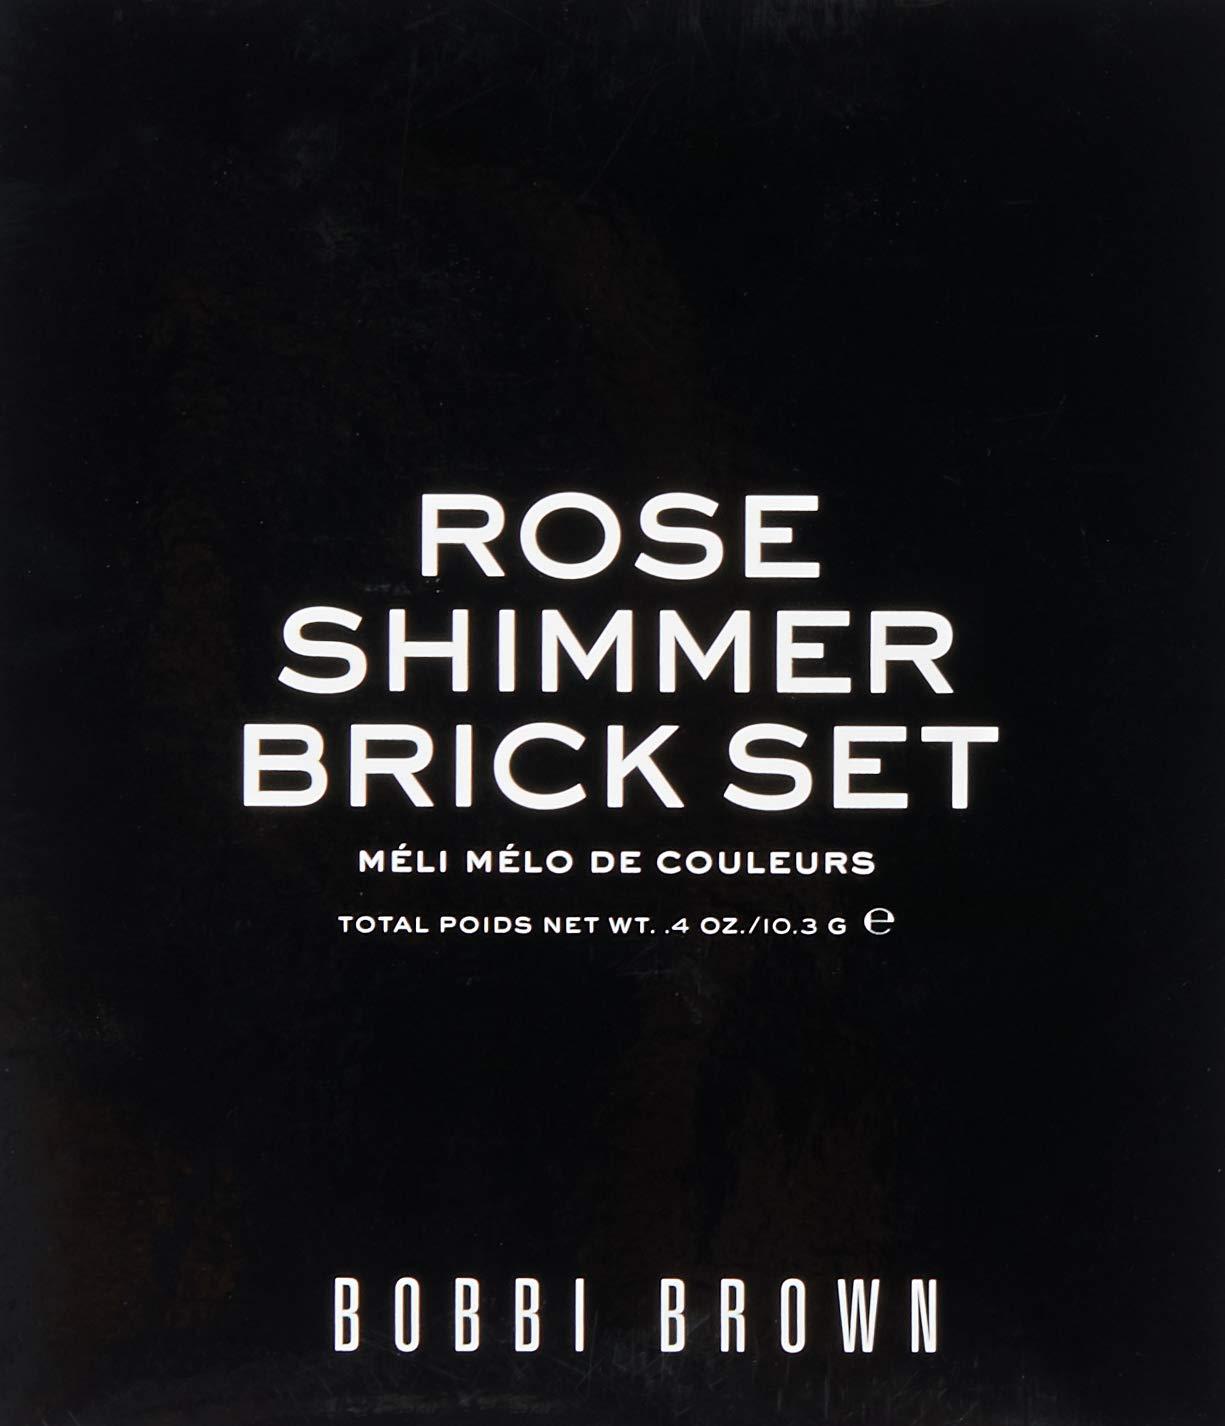 Bobbi Brown Rose Shimmer Brick Set, Limited Edition, 1 Count by Bobbi Brown (Image #2)